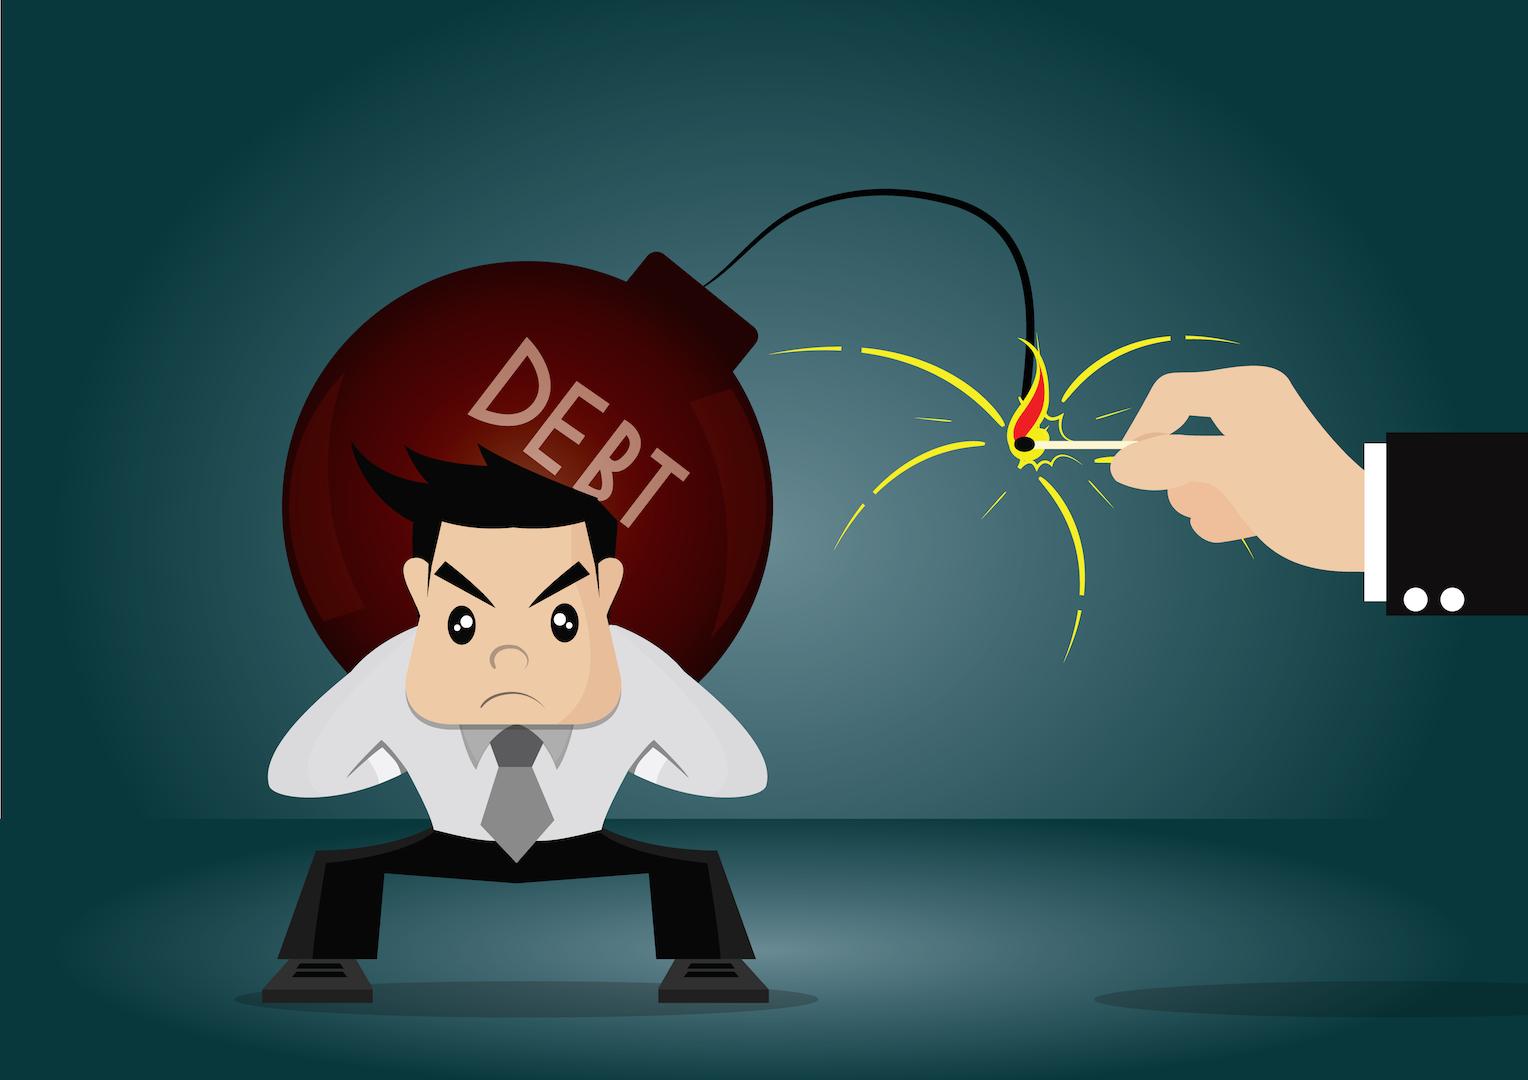 Inadimplência nunca mais: dicas rápidas para reduzir esse mal na sua empresa!